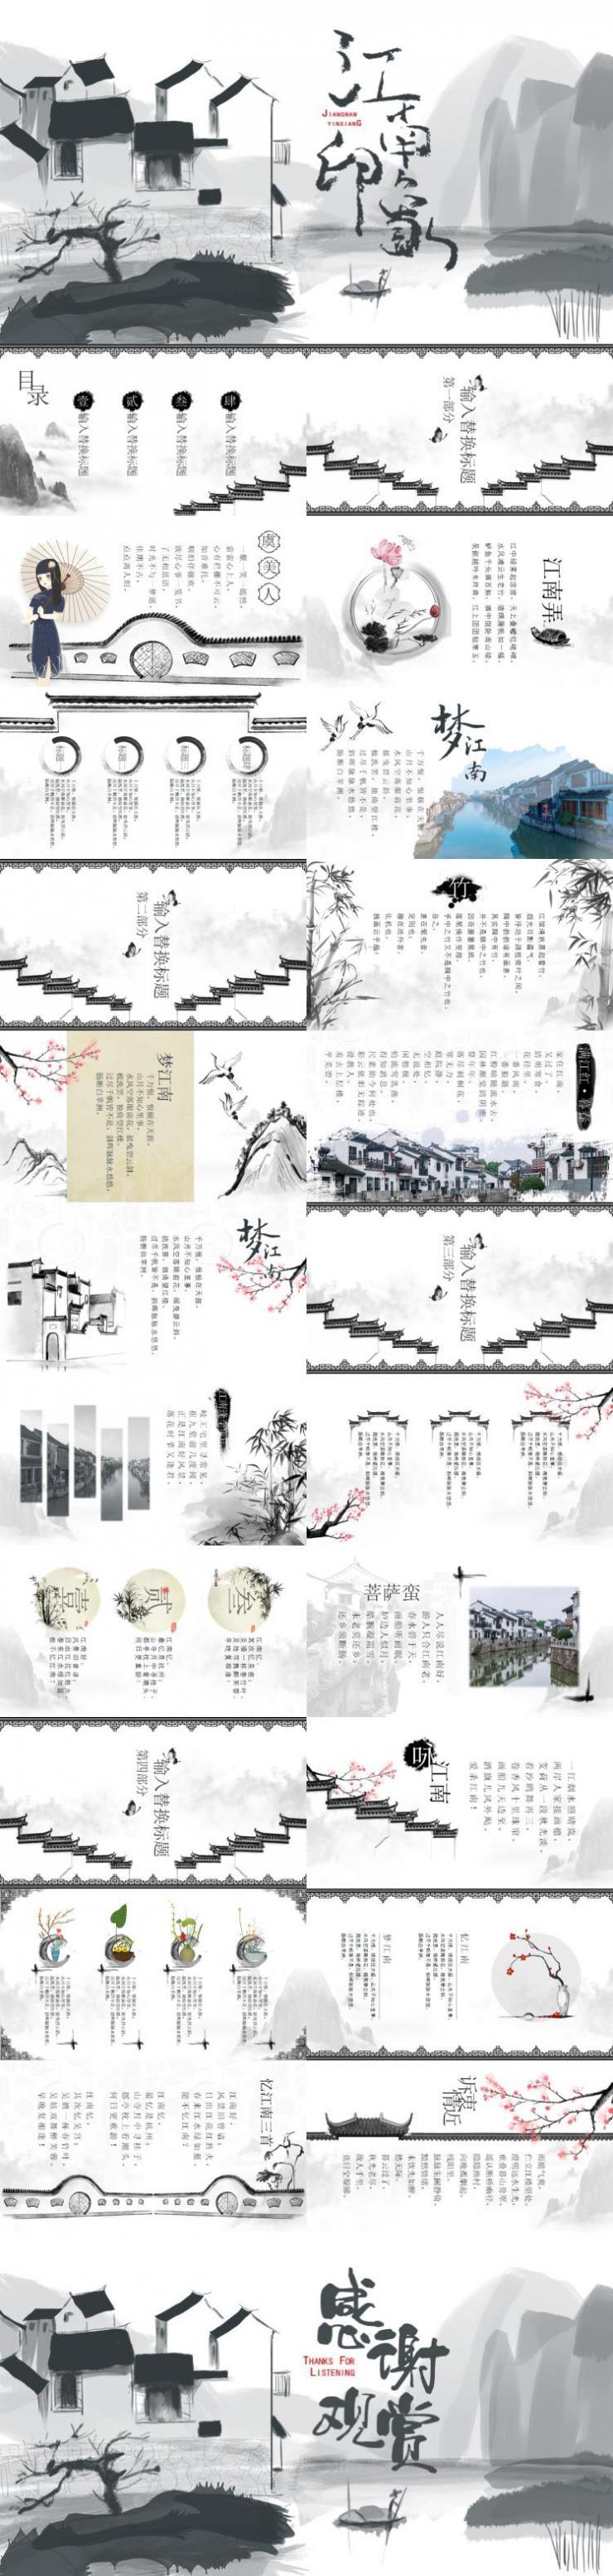 江南印象中国风通用PPT模板